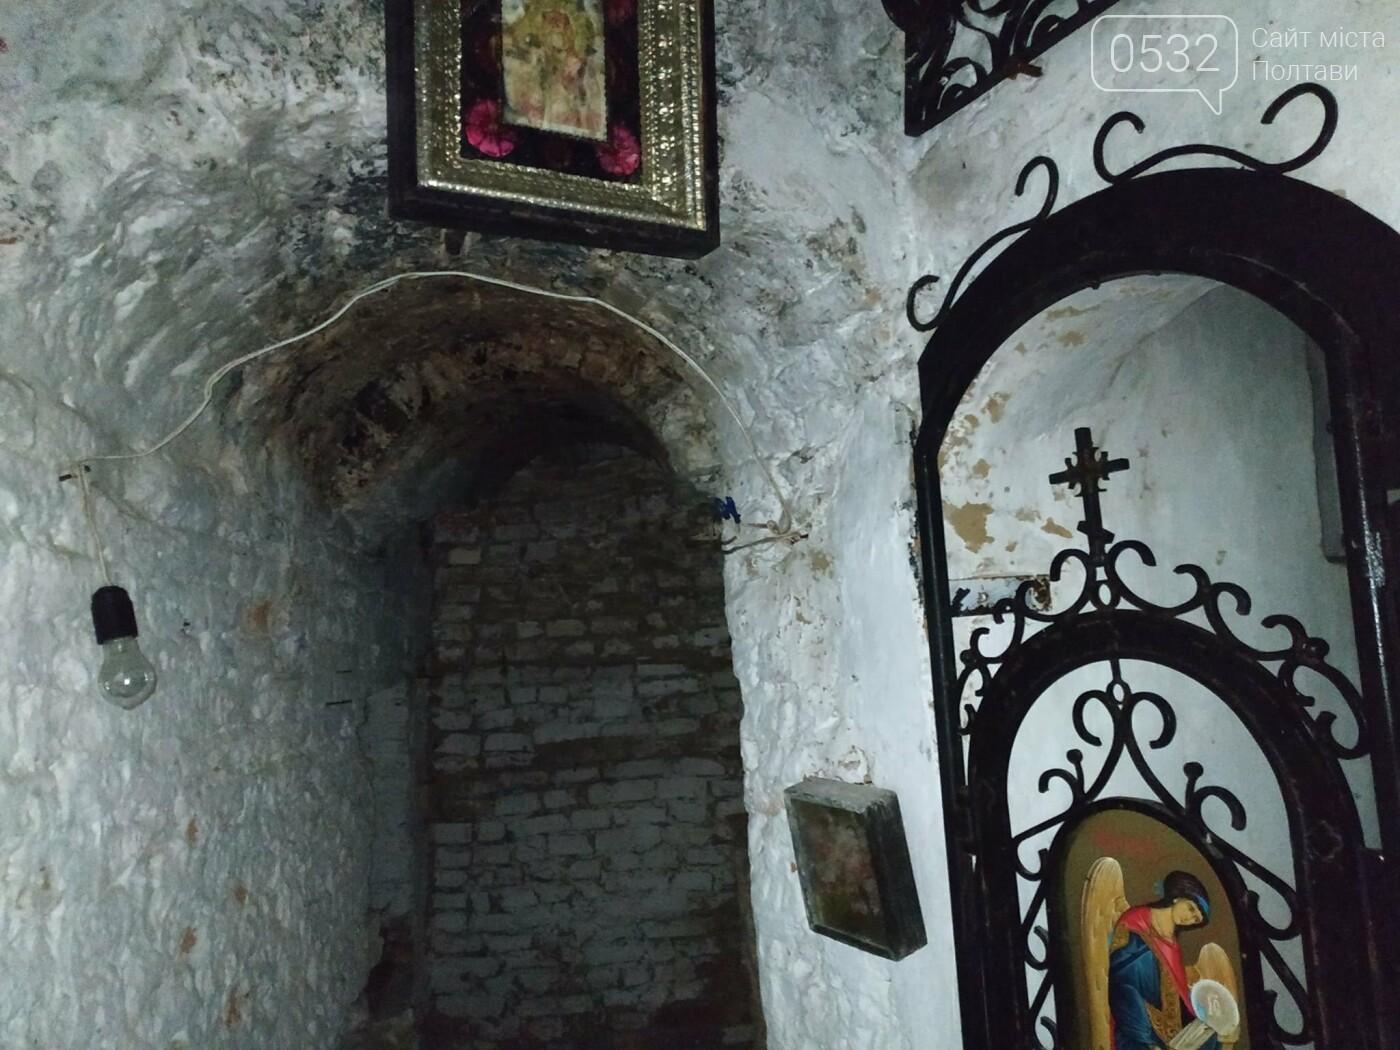 Подорож вихідного дня: вирушаємо до святинь на Сумщині, фото-22